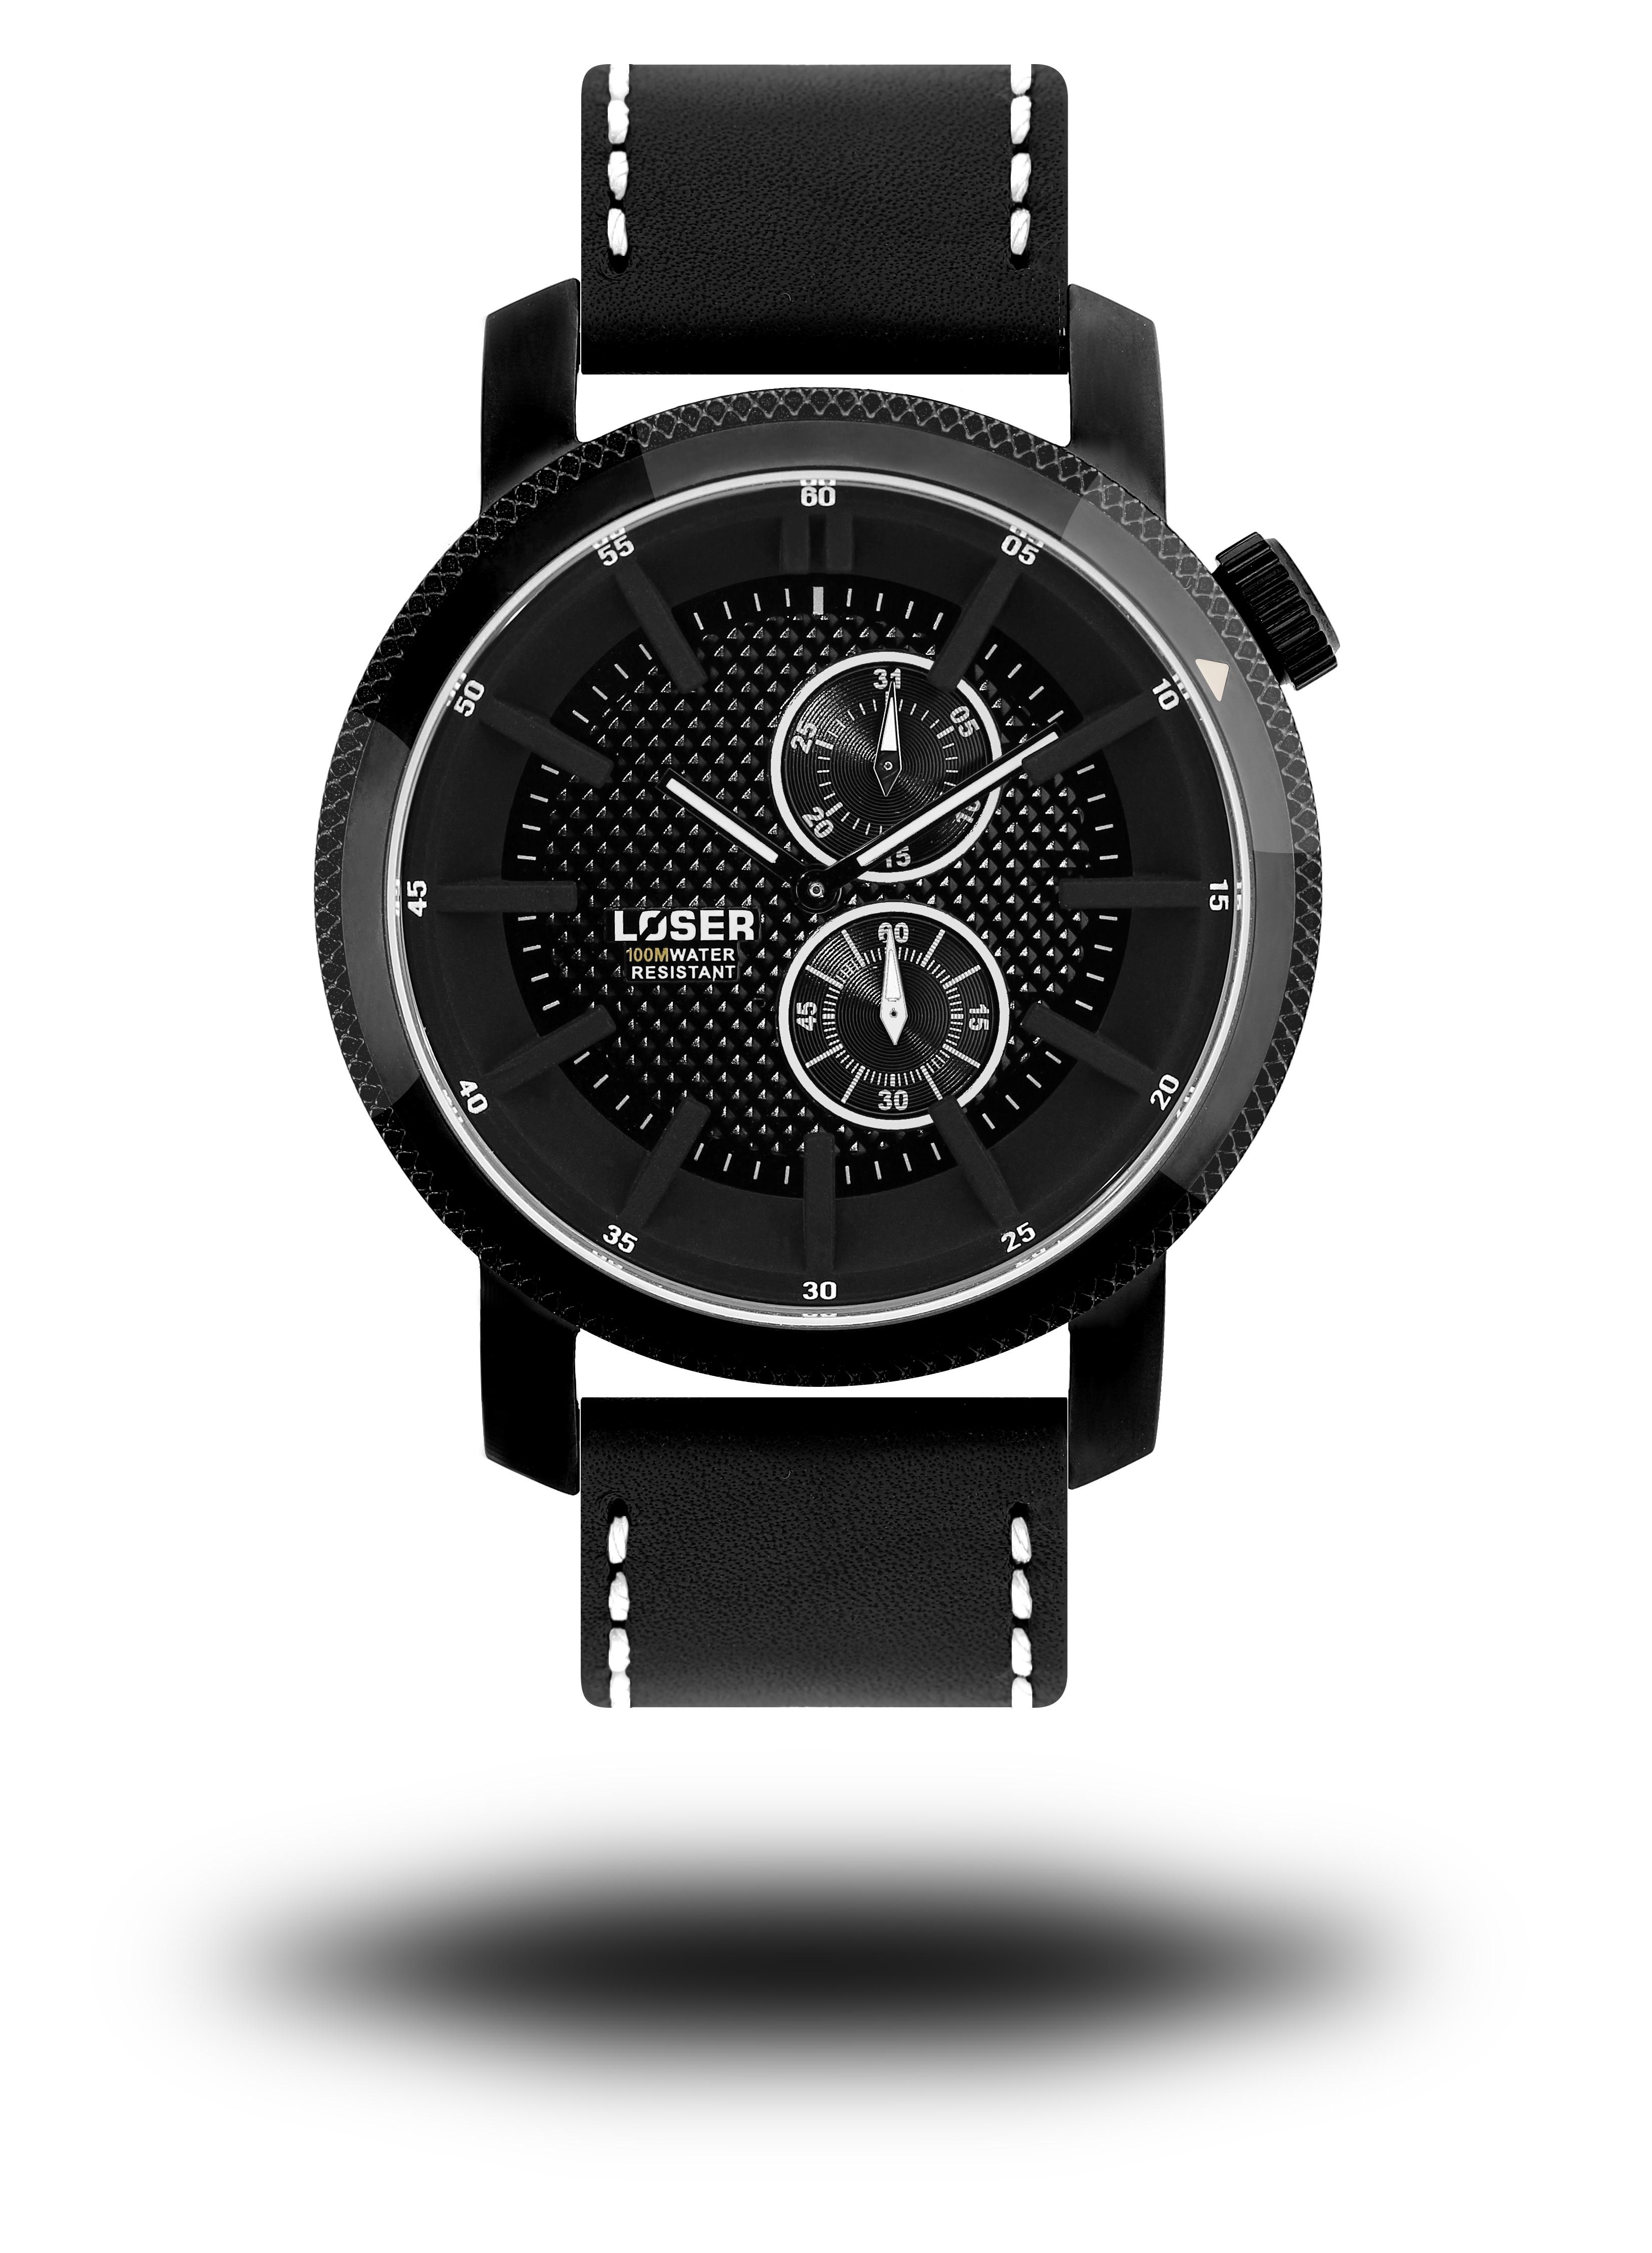 Luxusní nadčasové vodotěsné hodinky LOSER Infinity SPIRIT (POŠTOVNÉ ZDARMA!!)